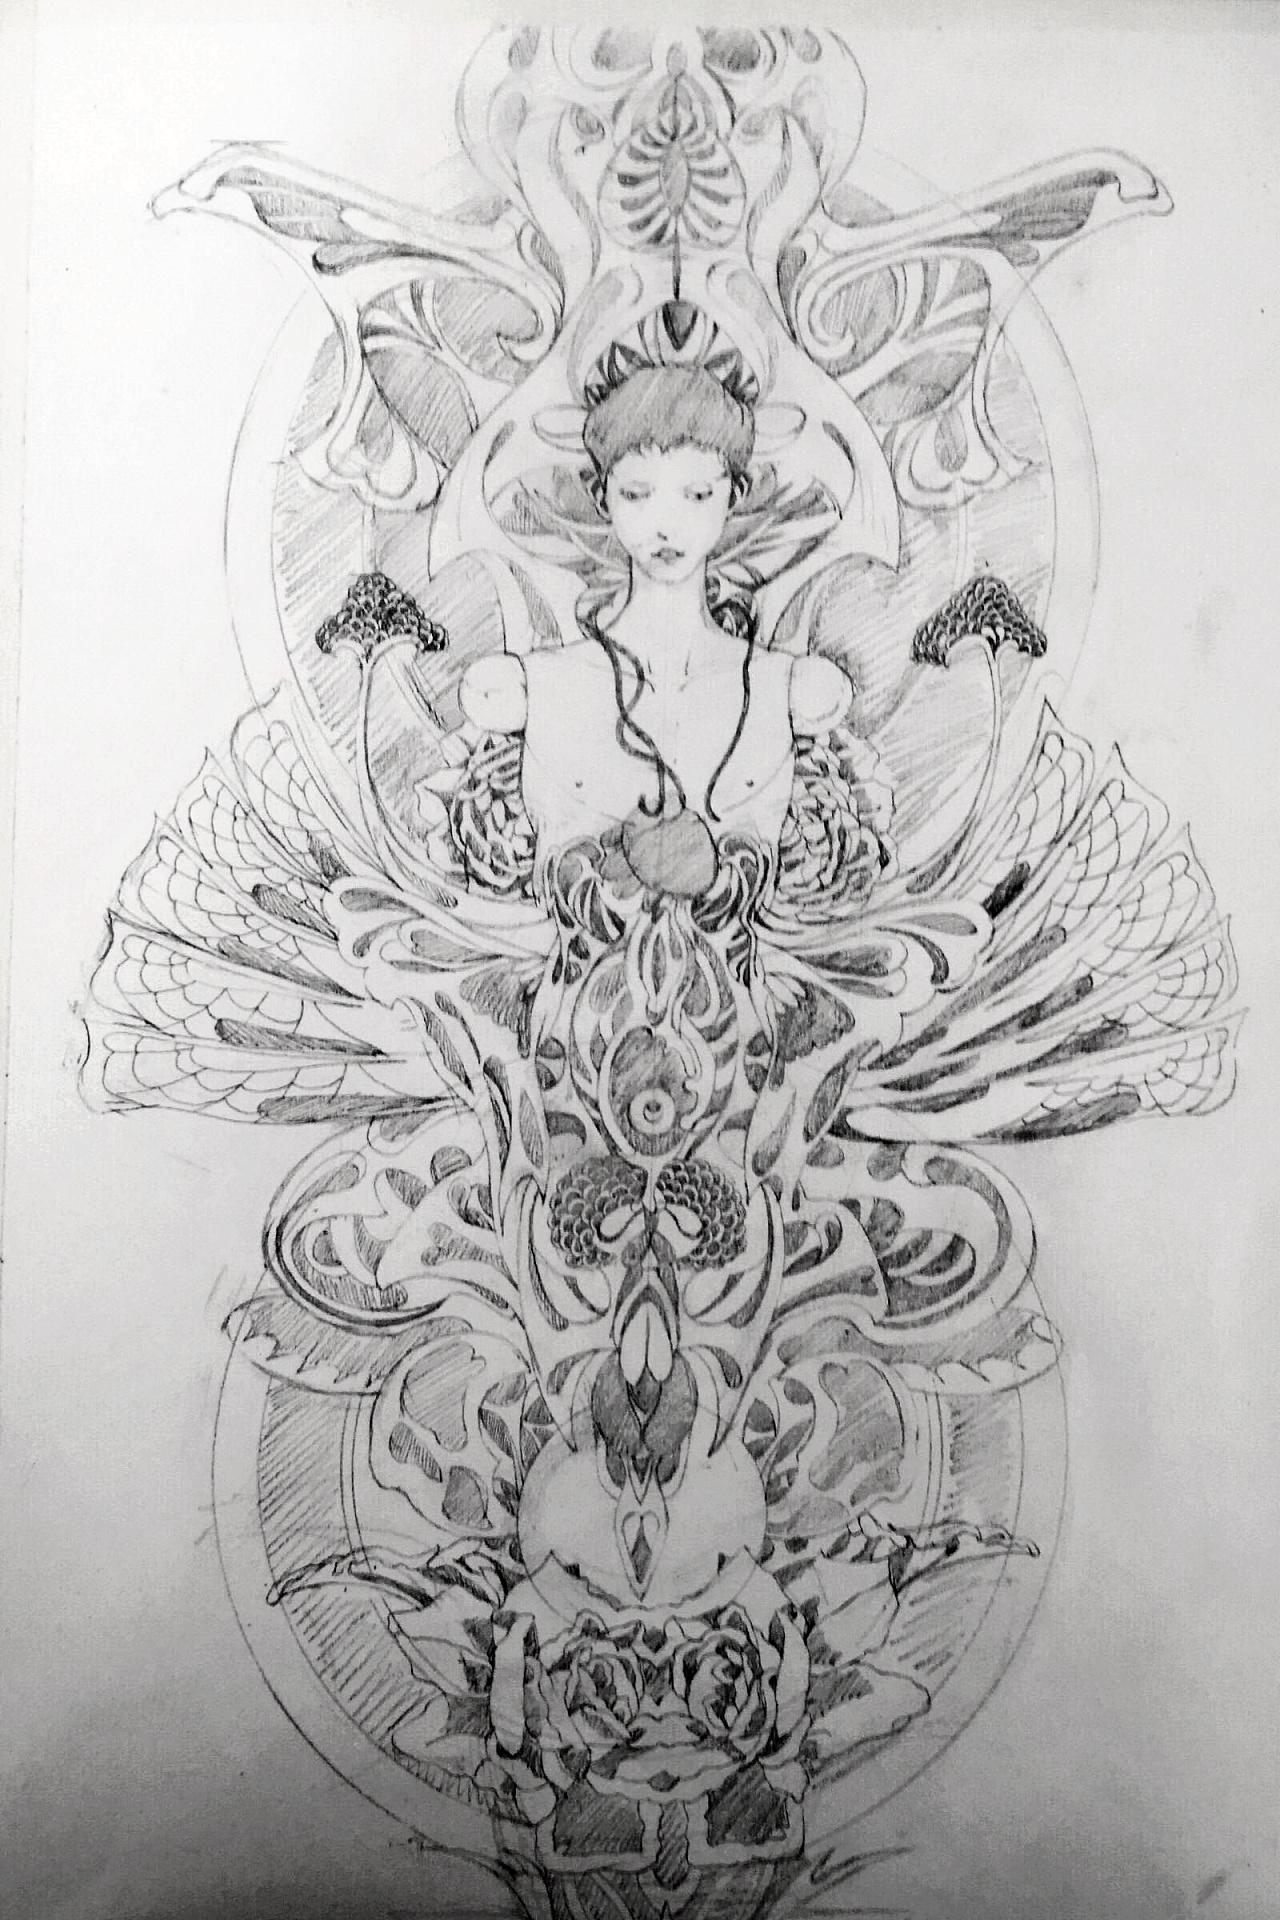 黑白画,参考日本浮世绘画师山本夕力卜的作品图片